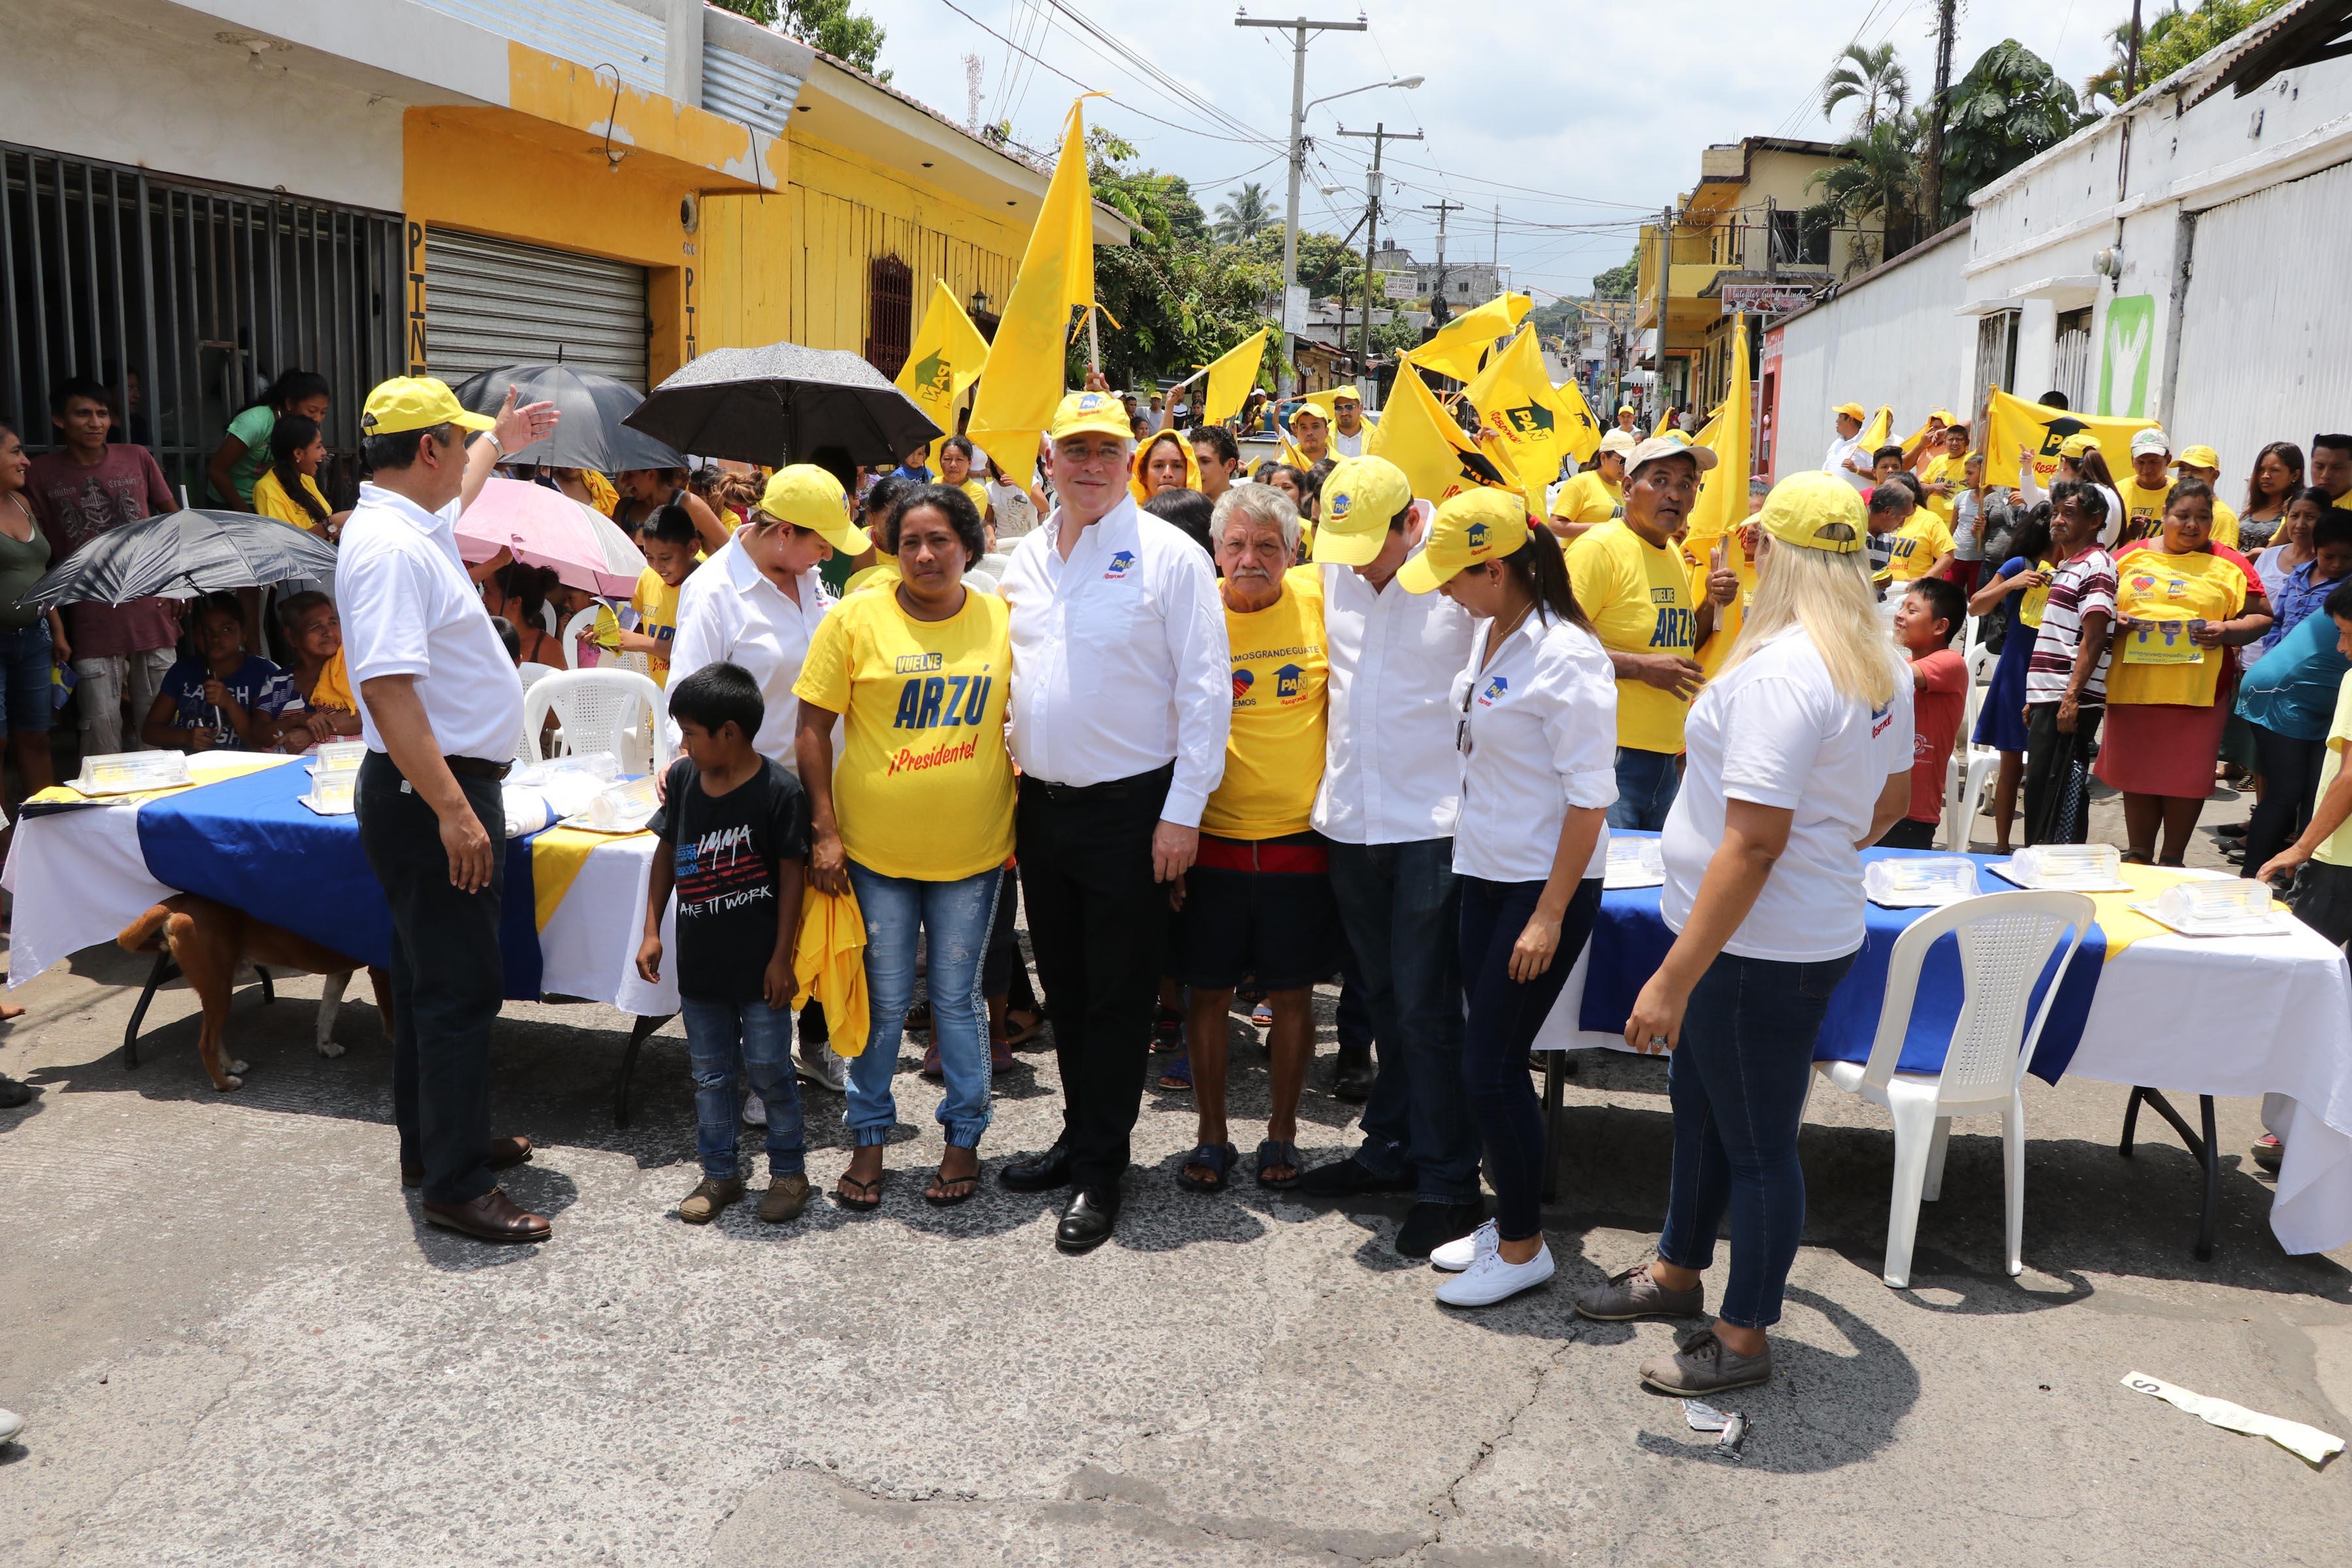 Los asistentes esperaron hasta lo último del mitin para participar en rifas. (Foto Prensa Libre: Carlos Paredes)